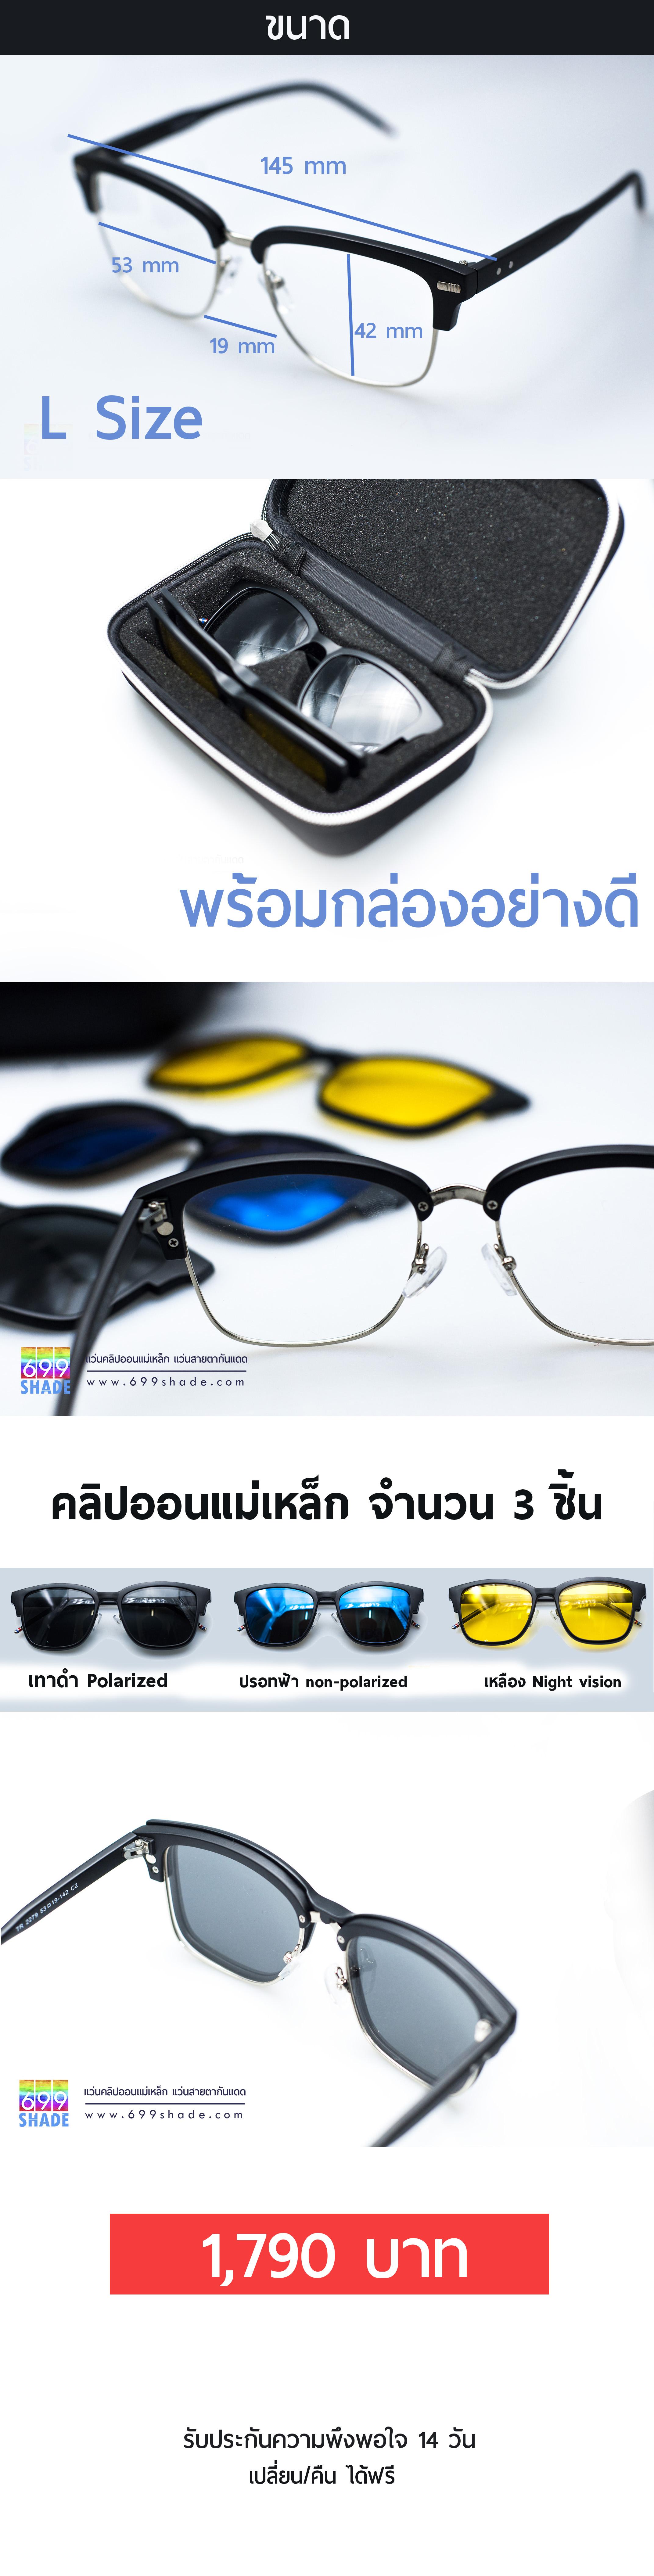 แว่นคลิปออนแม่เหล็กทรง club master มีคลิปออน 3 ชิ้น เทาดำ polarized , ปรอทฟ้า non-polarized , และเหลือง Night vision ขนาด 140mm Size L เหมาะสำหรับคนหน้าใหญ่ อ้วน มีแก้ม แว่นคลิปออนสำหรับทำสายตา ช่วยให้เป็นแว่นกันแดดได้ในตัว คลิปออนมี hook ตะขอเสริม แม่เหล็กกลมซ้ายขวา แว่นทรงคลับมาสเตอร์ เหมือนเรย์แบน วัสดุ TR90 ใส่สบาย น้ำหนักเบา